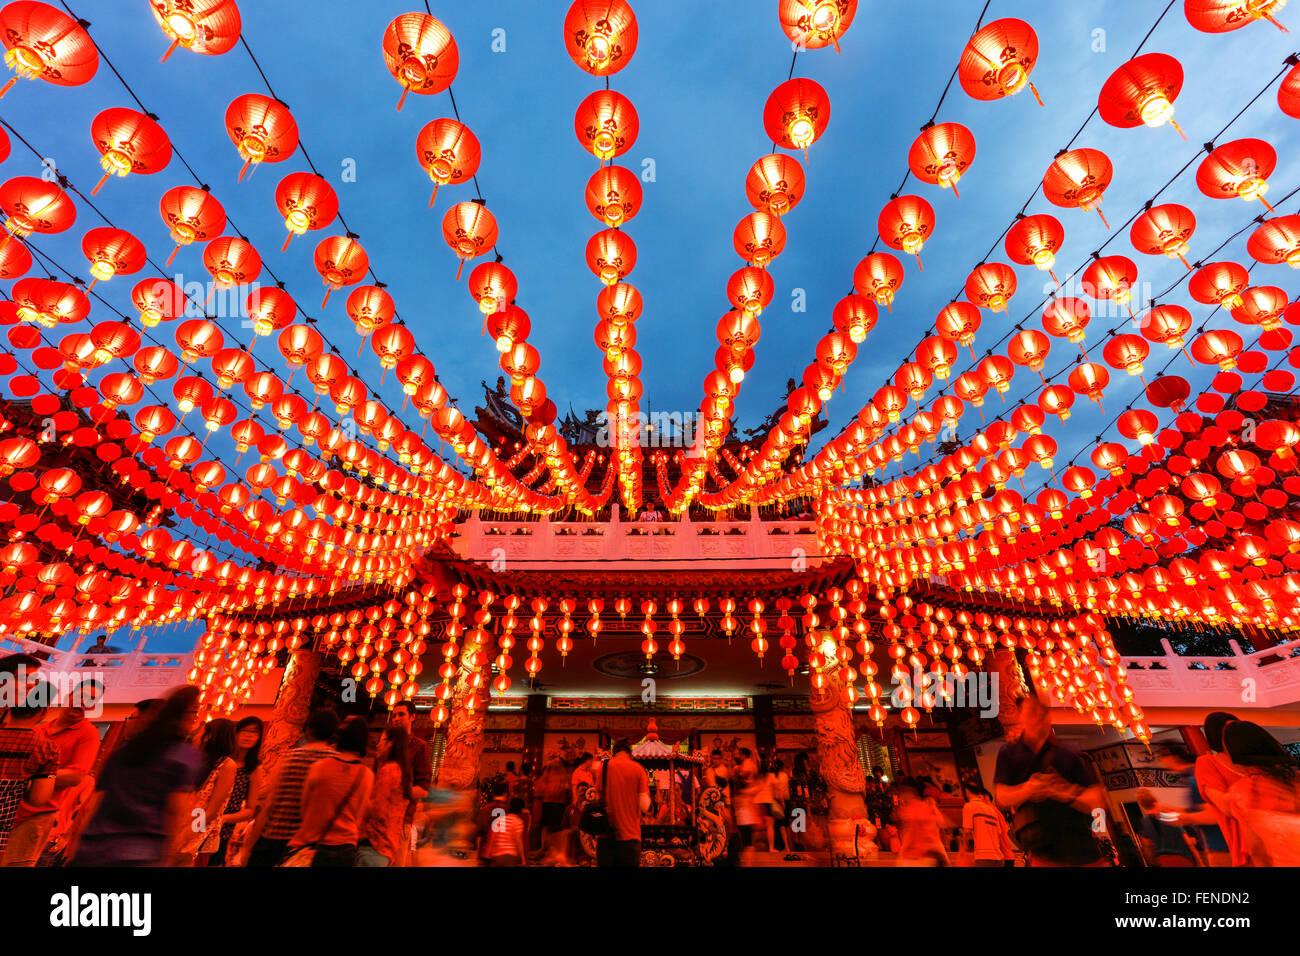 Las linternas de Thean Hou templo durante el Año Nuevo Chino, Kuala Lumpur, Malasia. Imagen De Stock